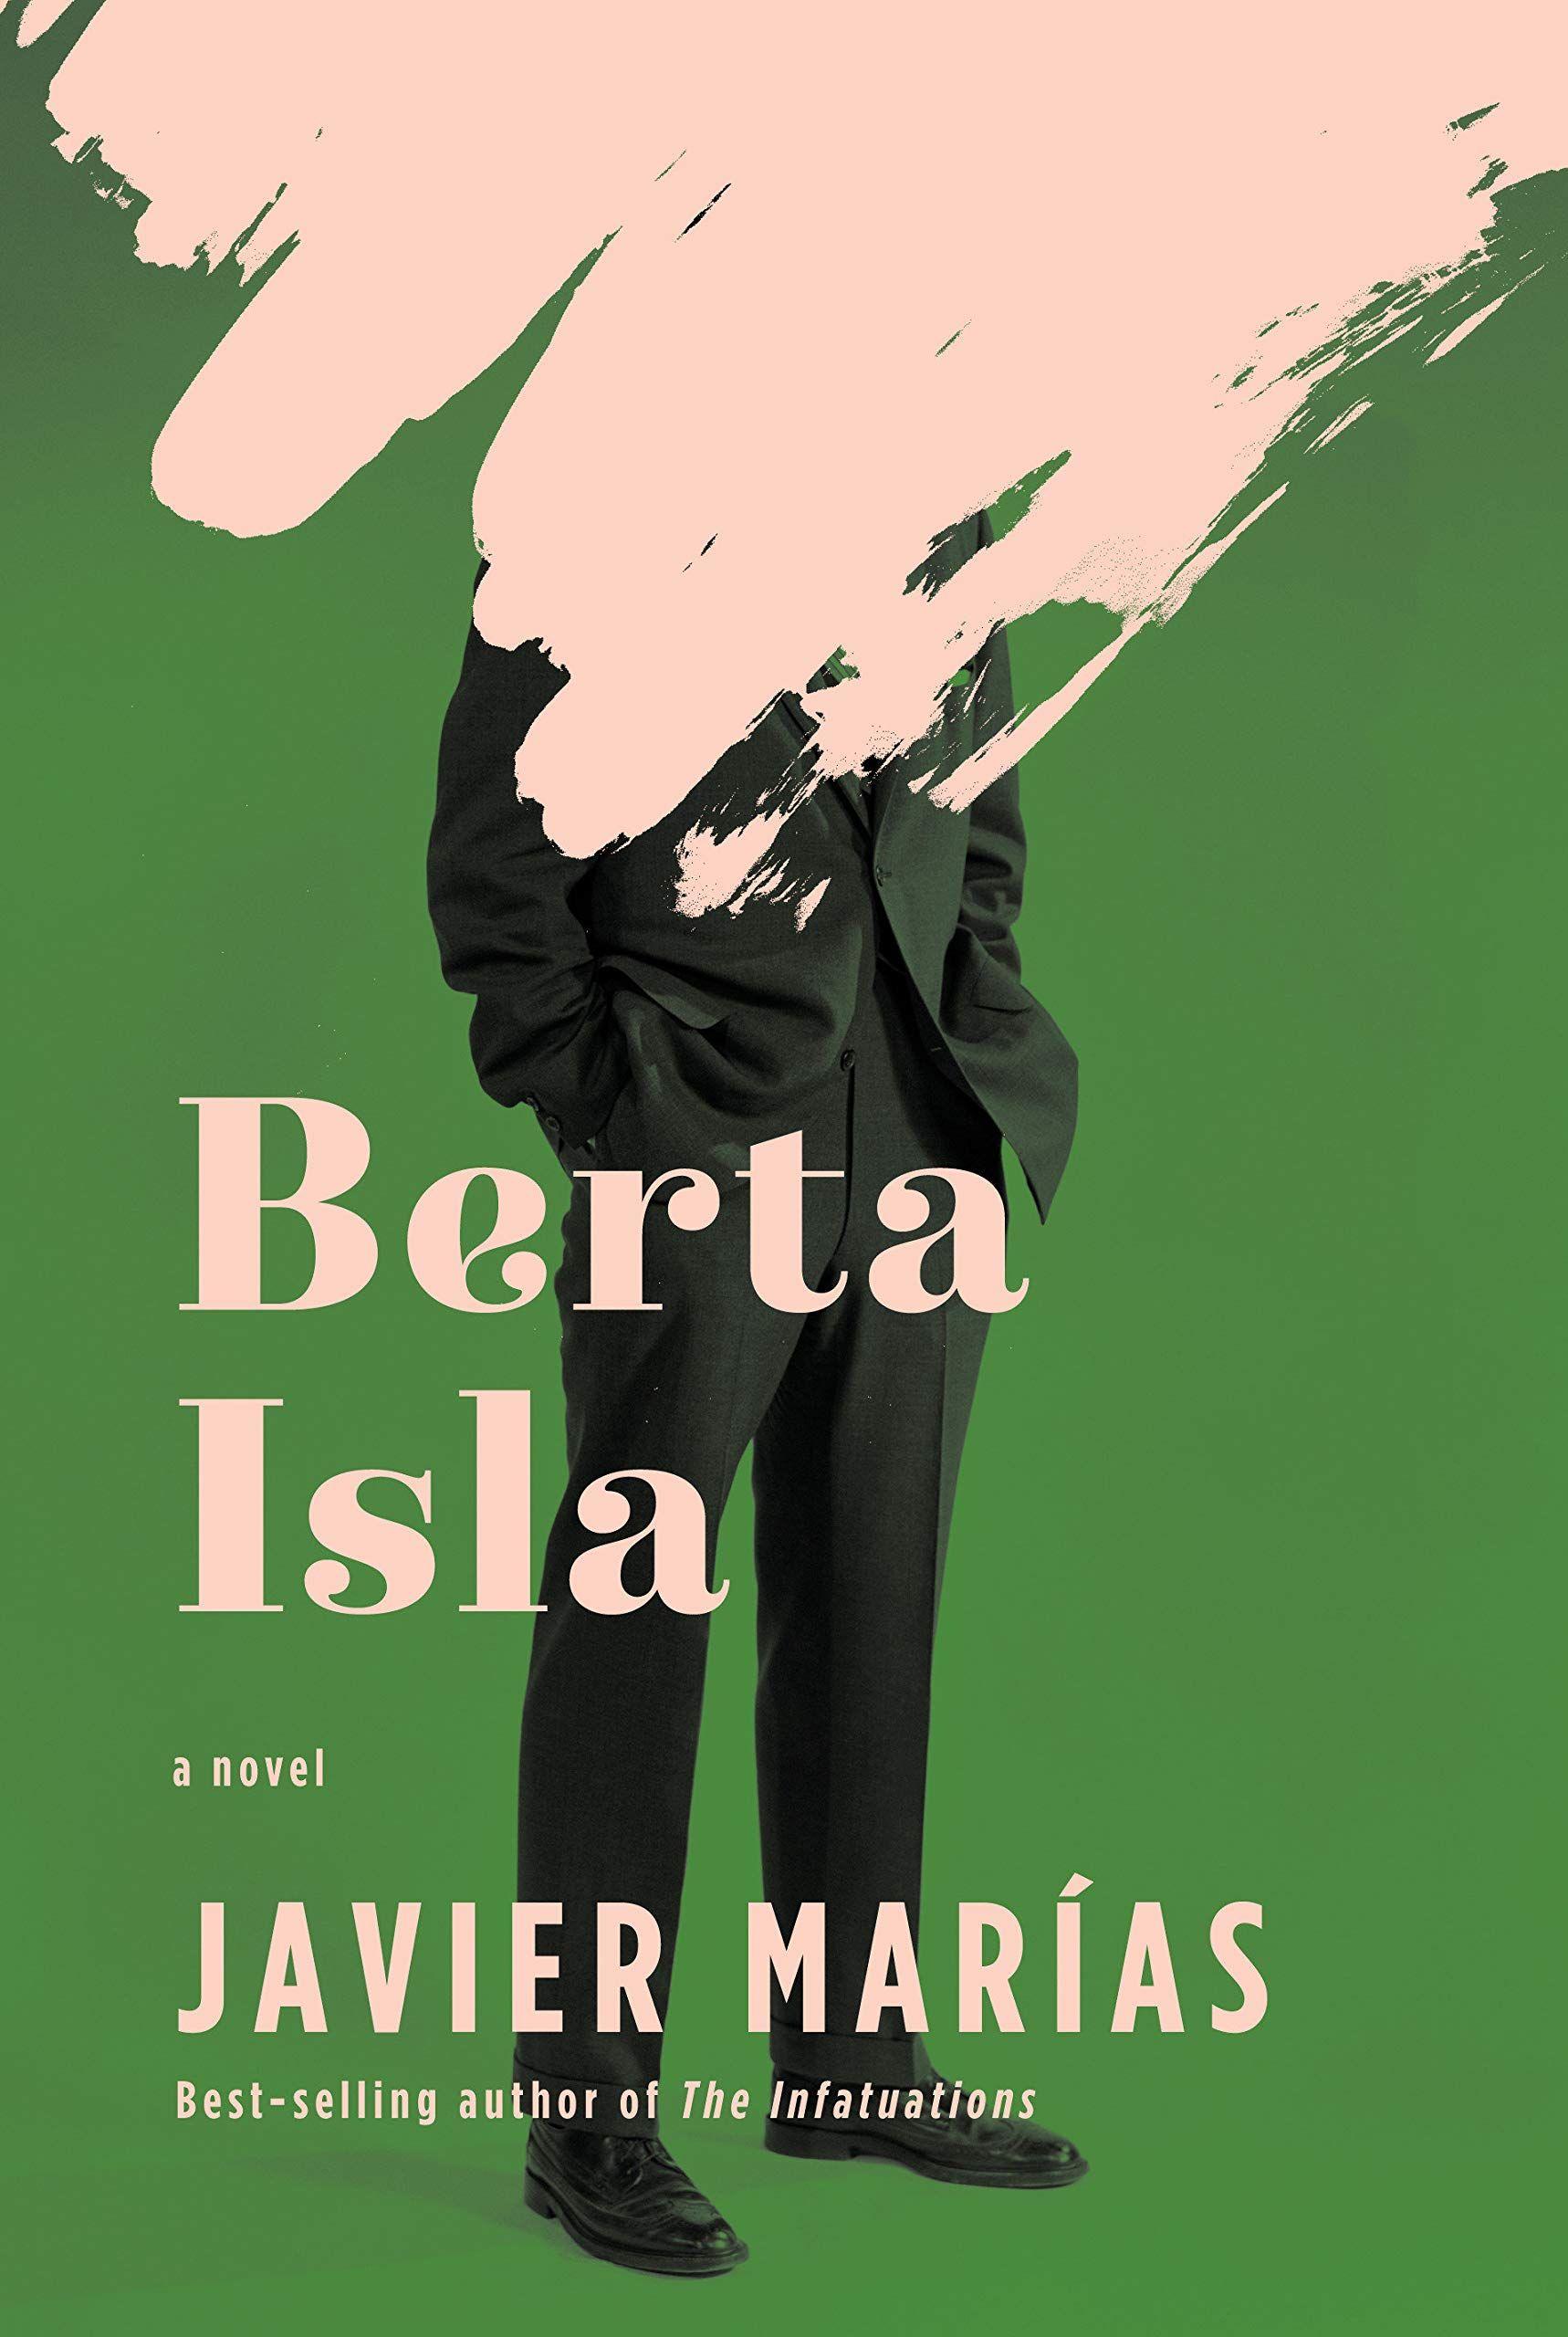 Berta Isla In 2020 Best Book Covers Book Cover Design Book Cover